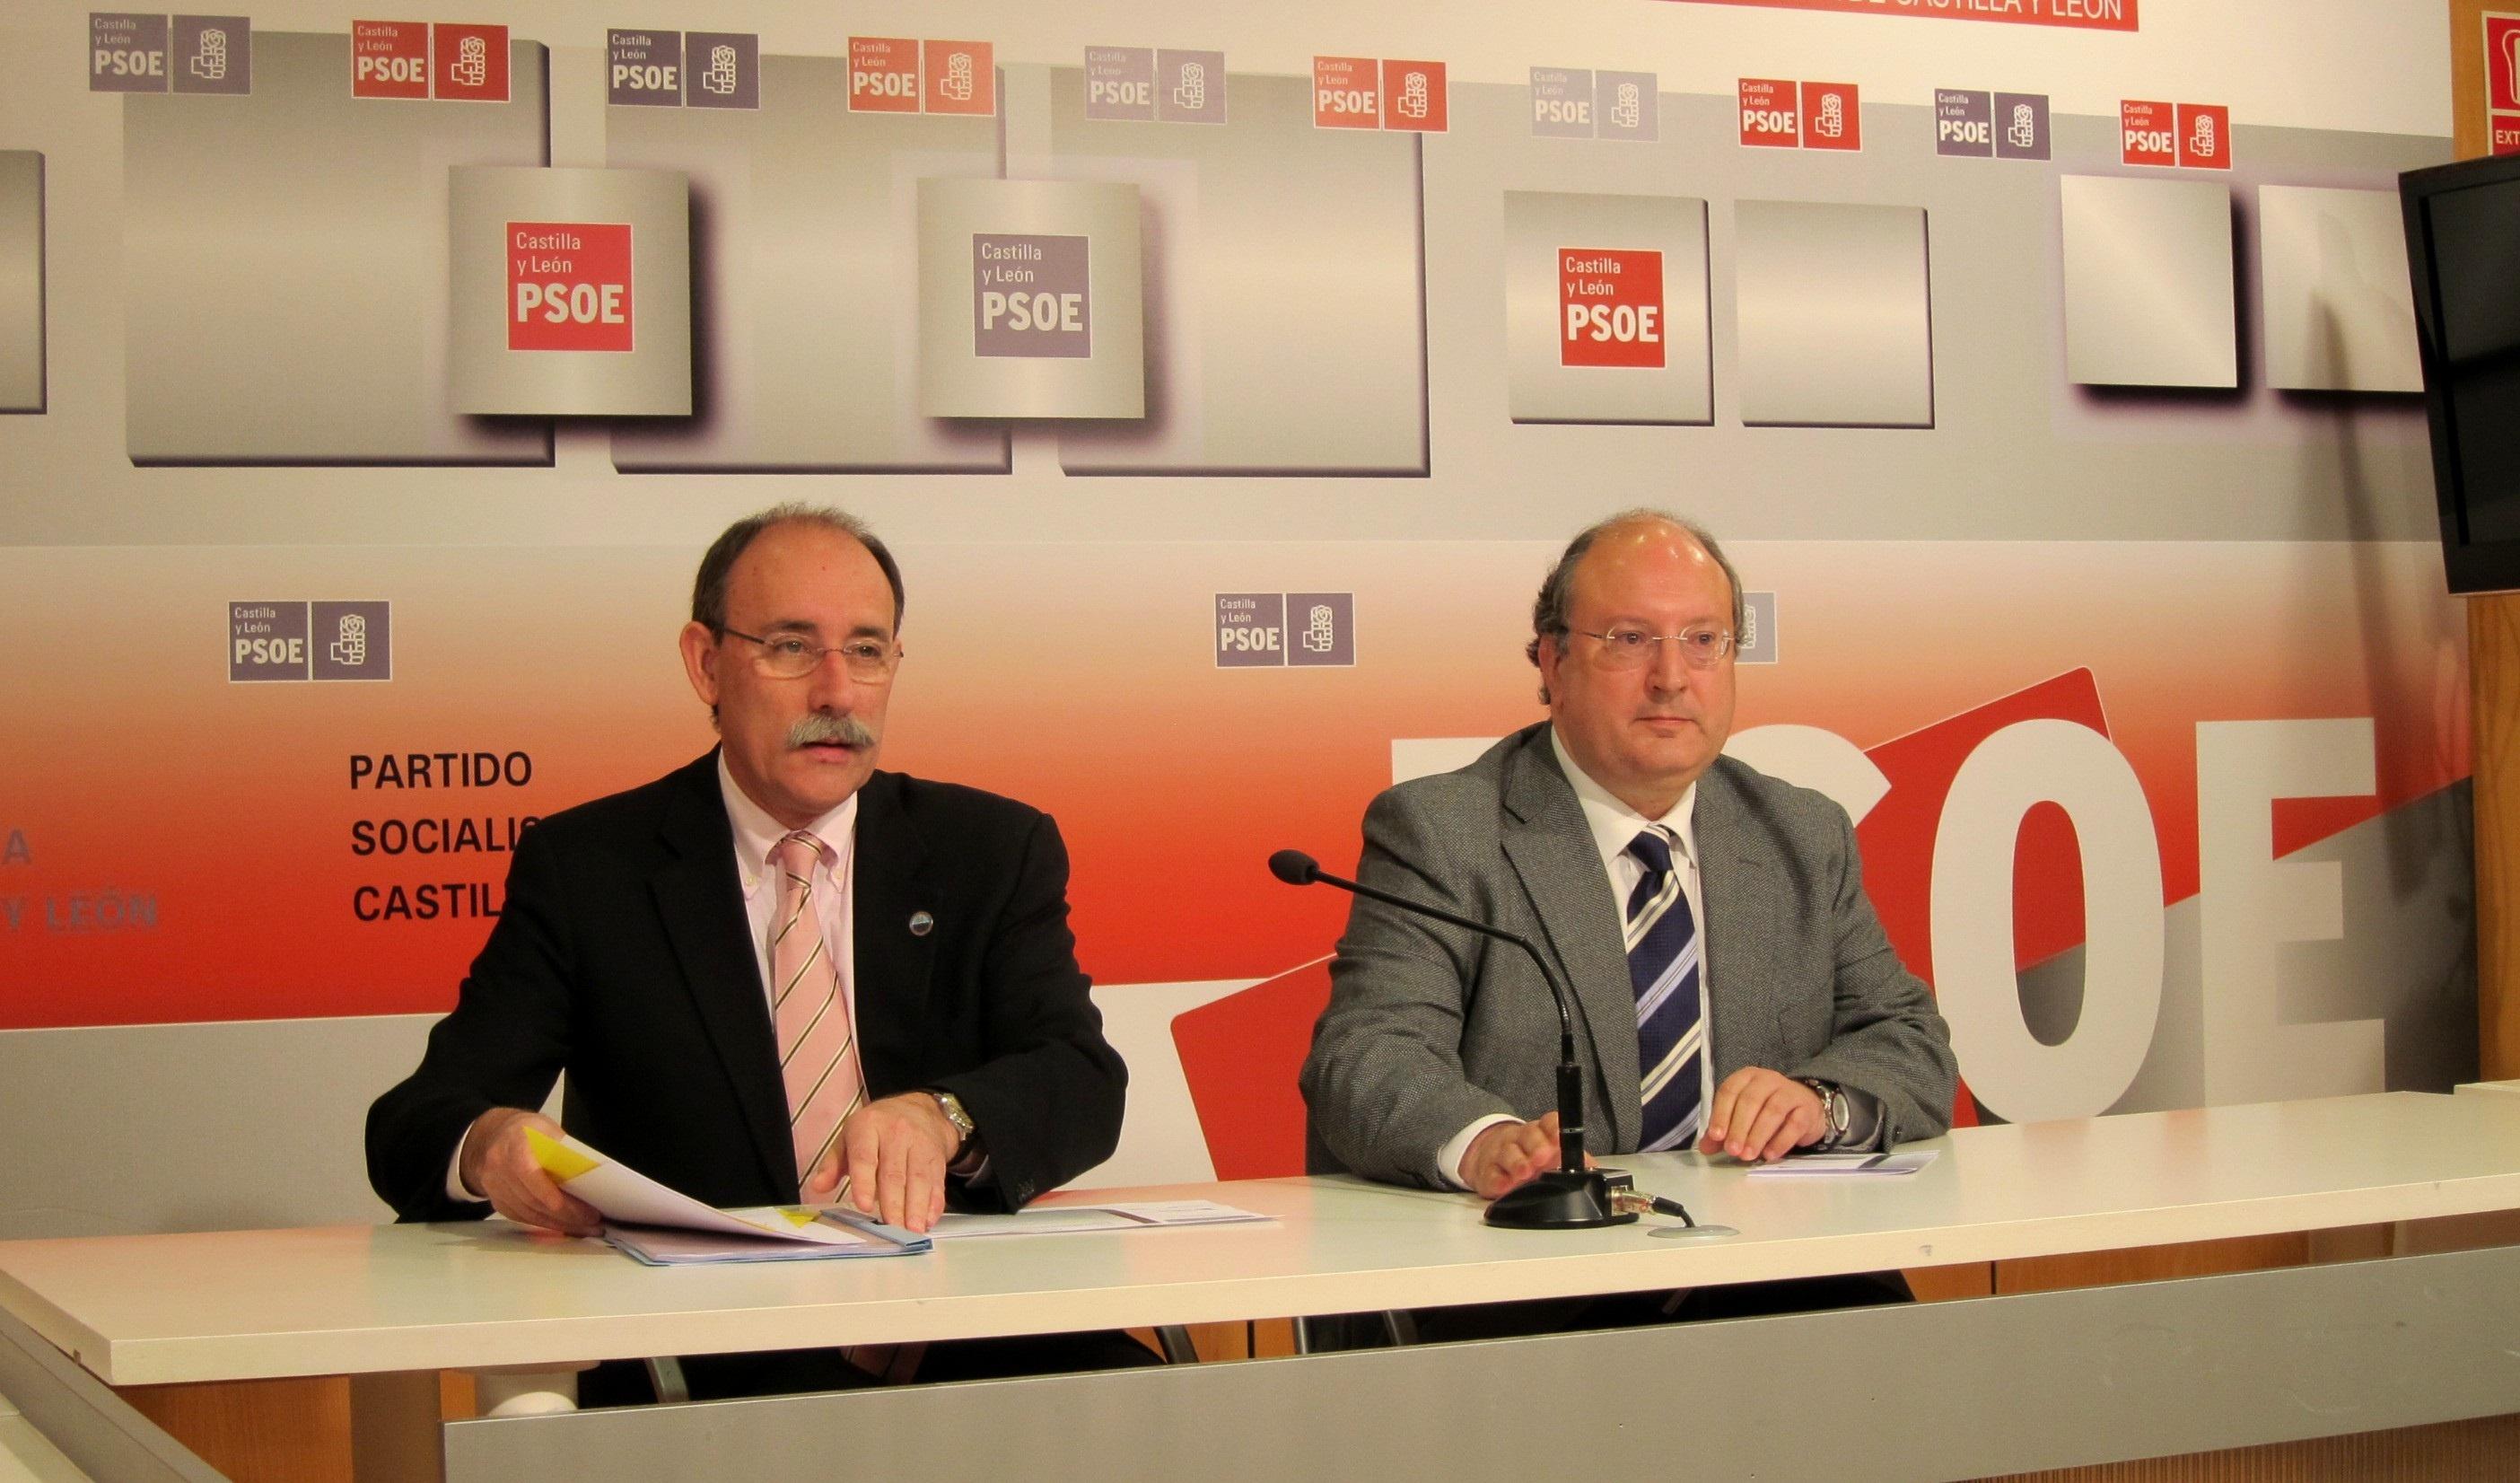 Los exministros Gabilondo y Cabrera debaten mañana en Valladolid sobre educación «con calidad y equidad» y la Lomce